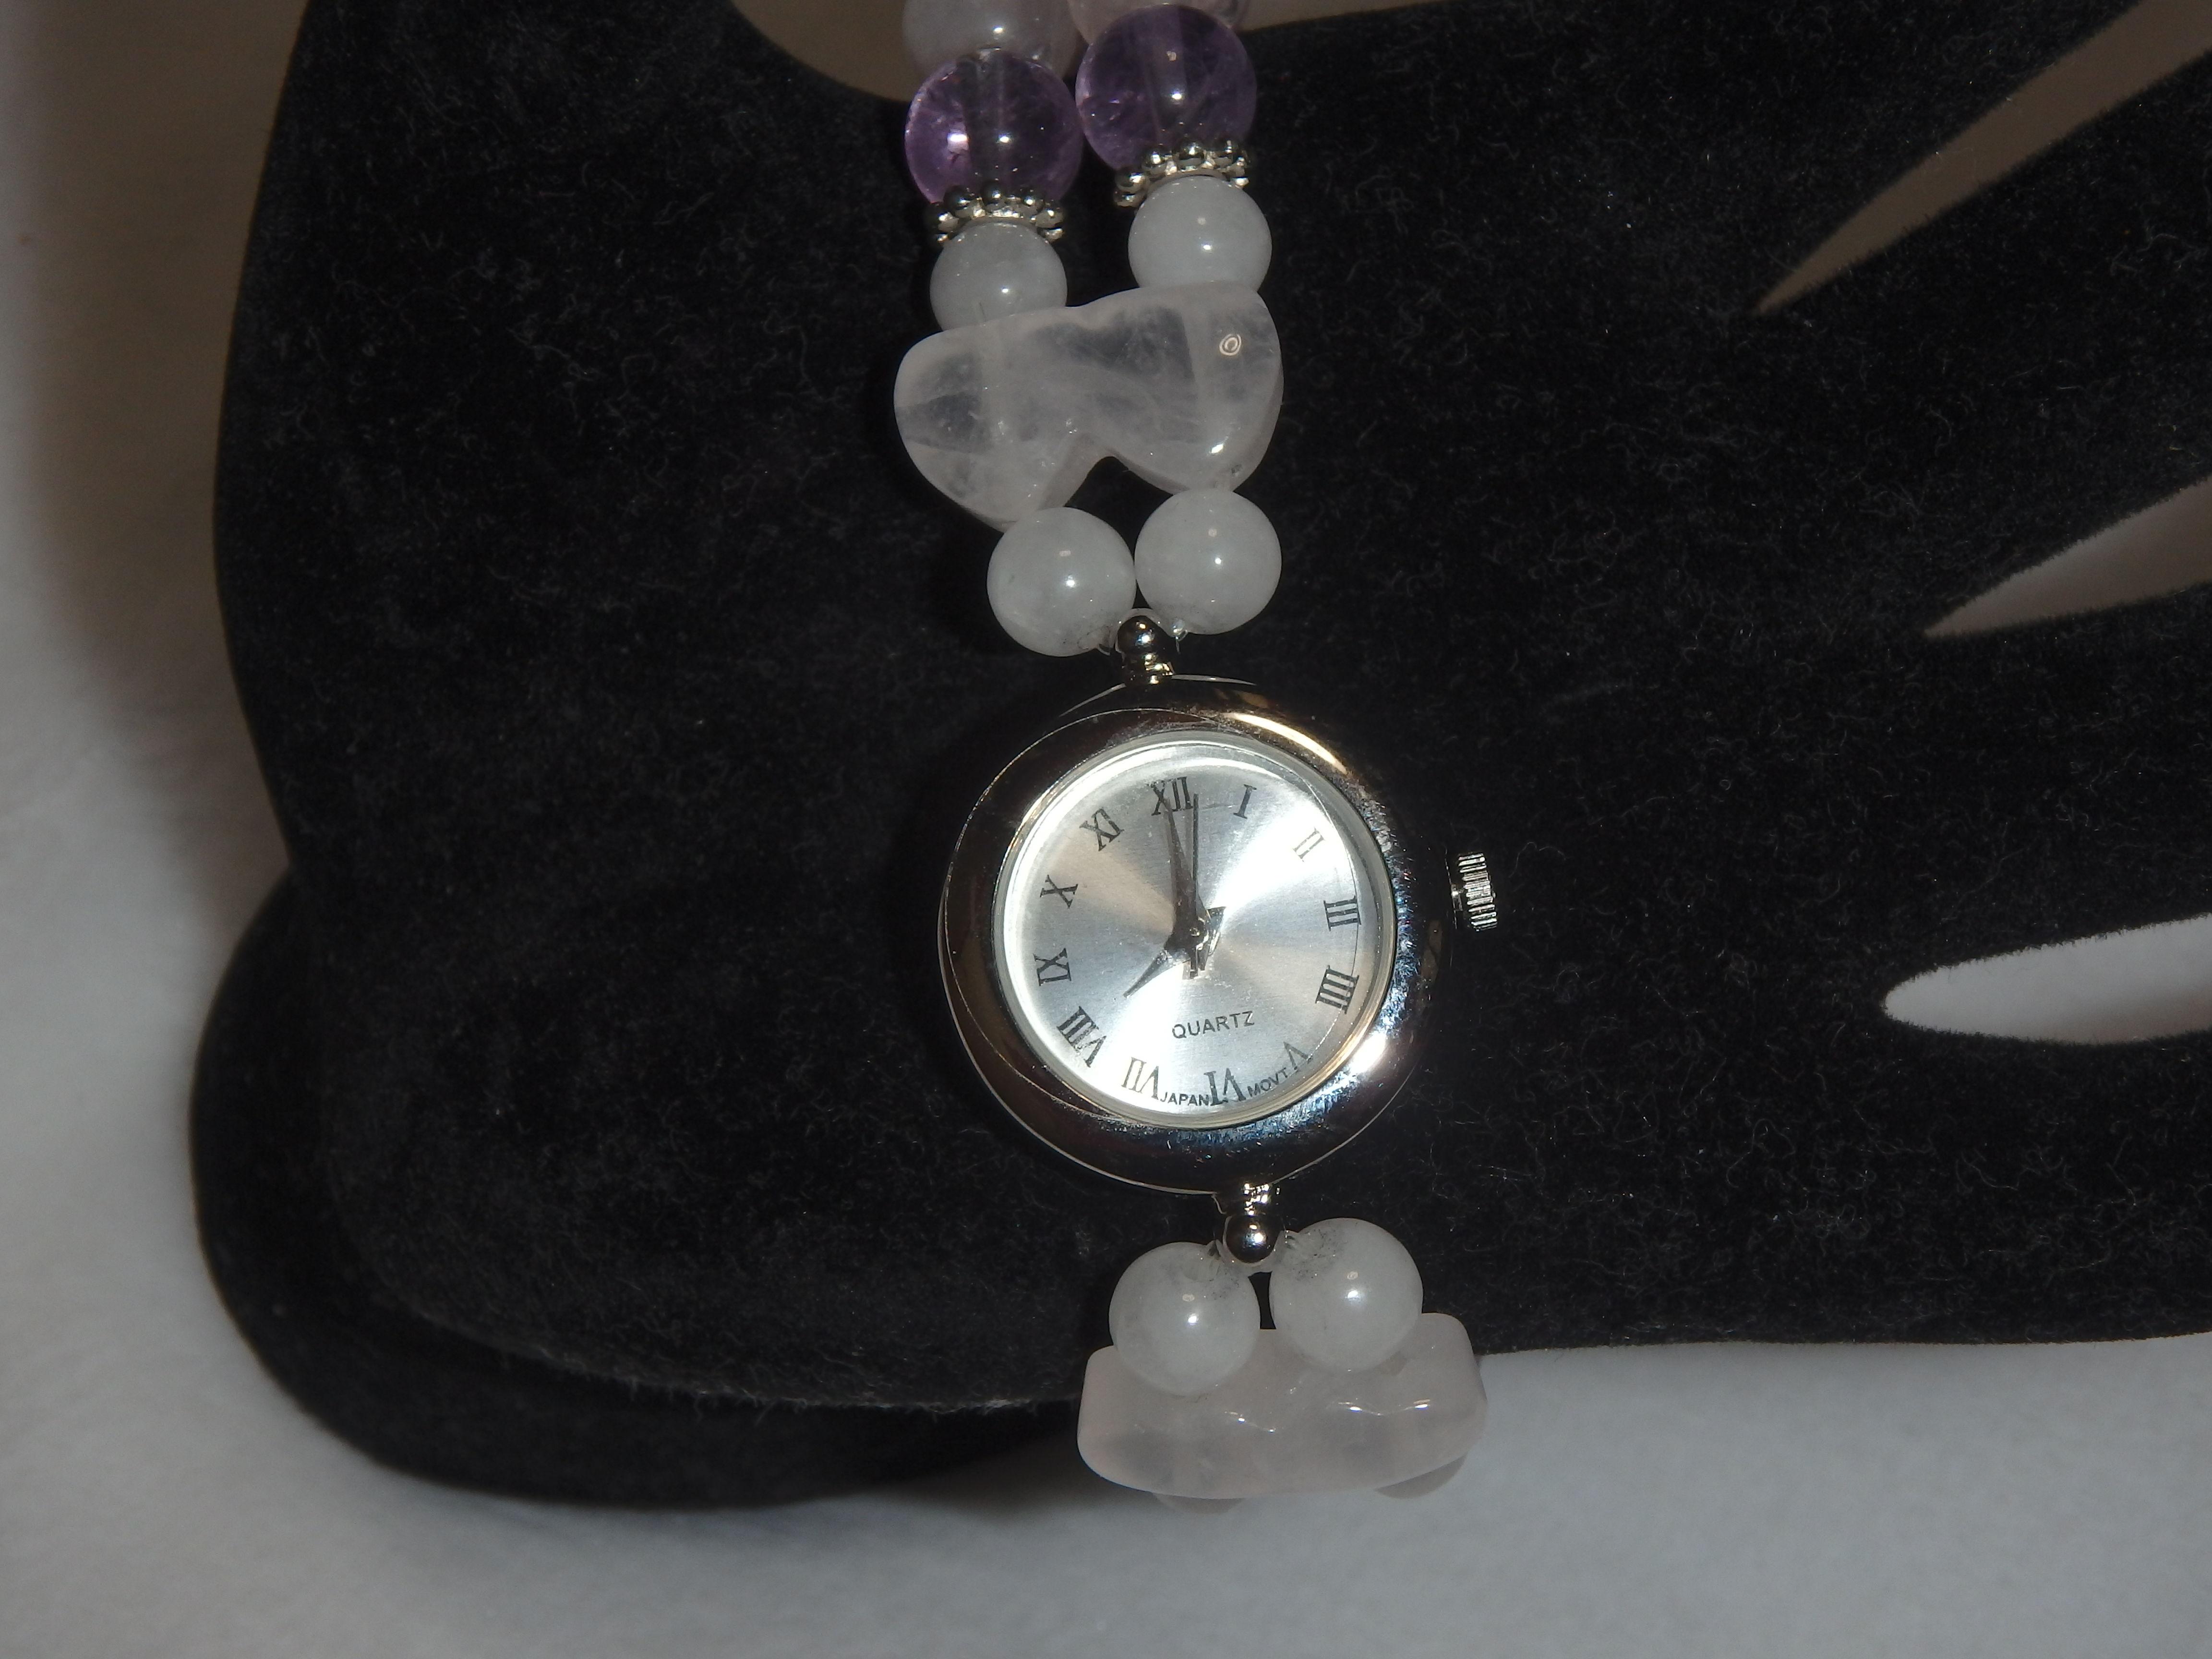 「クオーツ時計とパワーストーンブレスレットを融合したPower Stone Quartz Watch Bracelet (パワーストーンクォーツウオッチブレスレット)」【 Juri (珠理)】